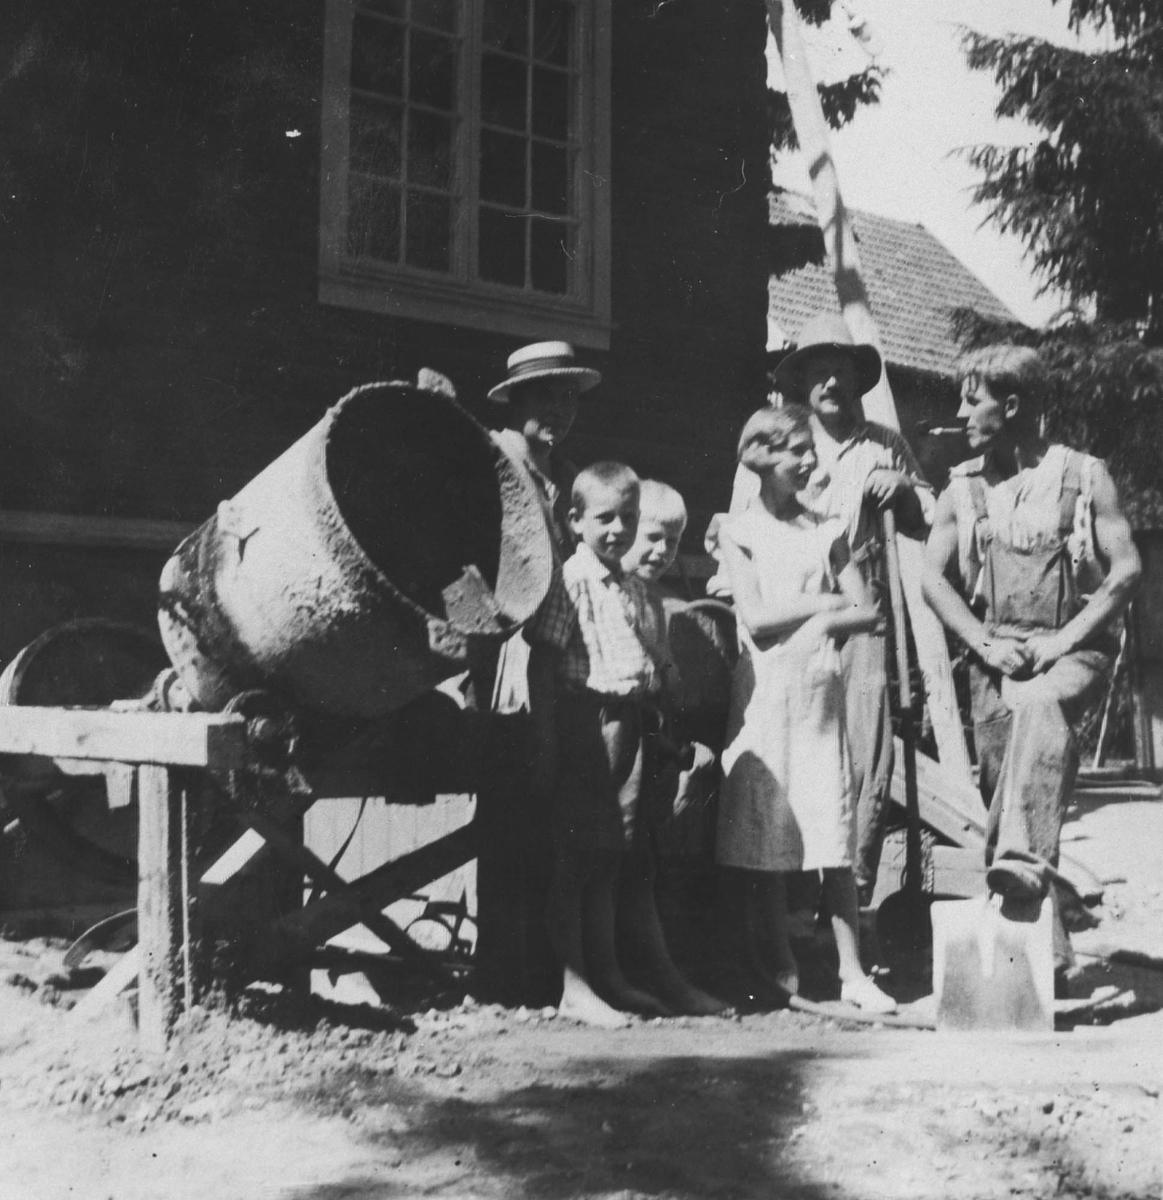 Tre voksne og tre barn ved en sementblander.Bildet er tatt foran kjemi- eller fabrikkbygning.